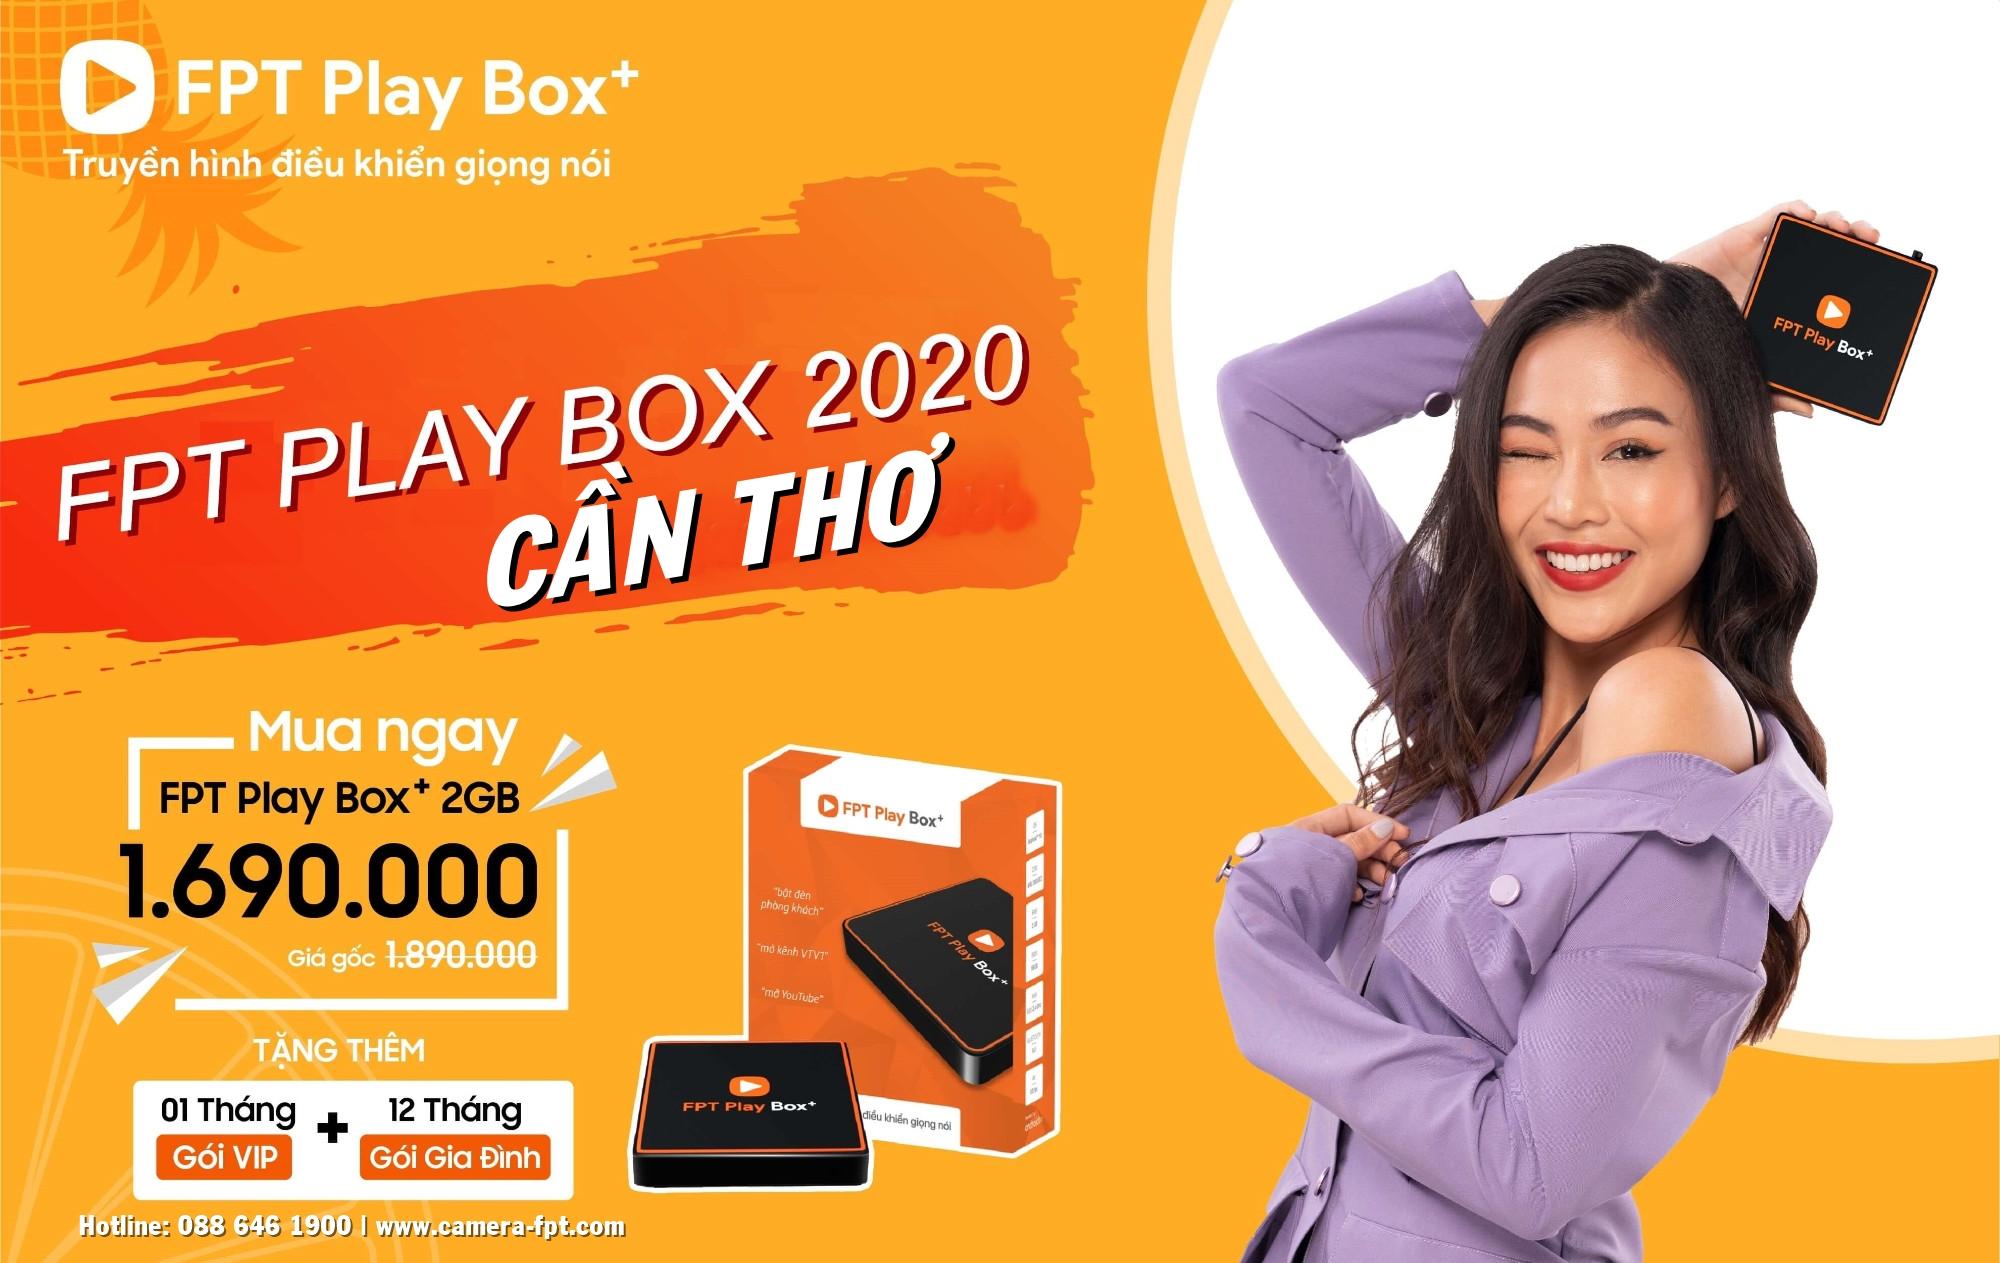 Mua  FPT Play BOX tại Cần Thơ ✓ Bảo hành chính hãng 12 tháng bởi FPT